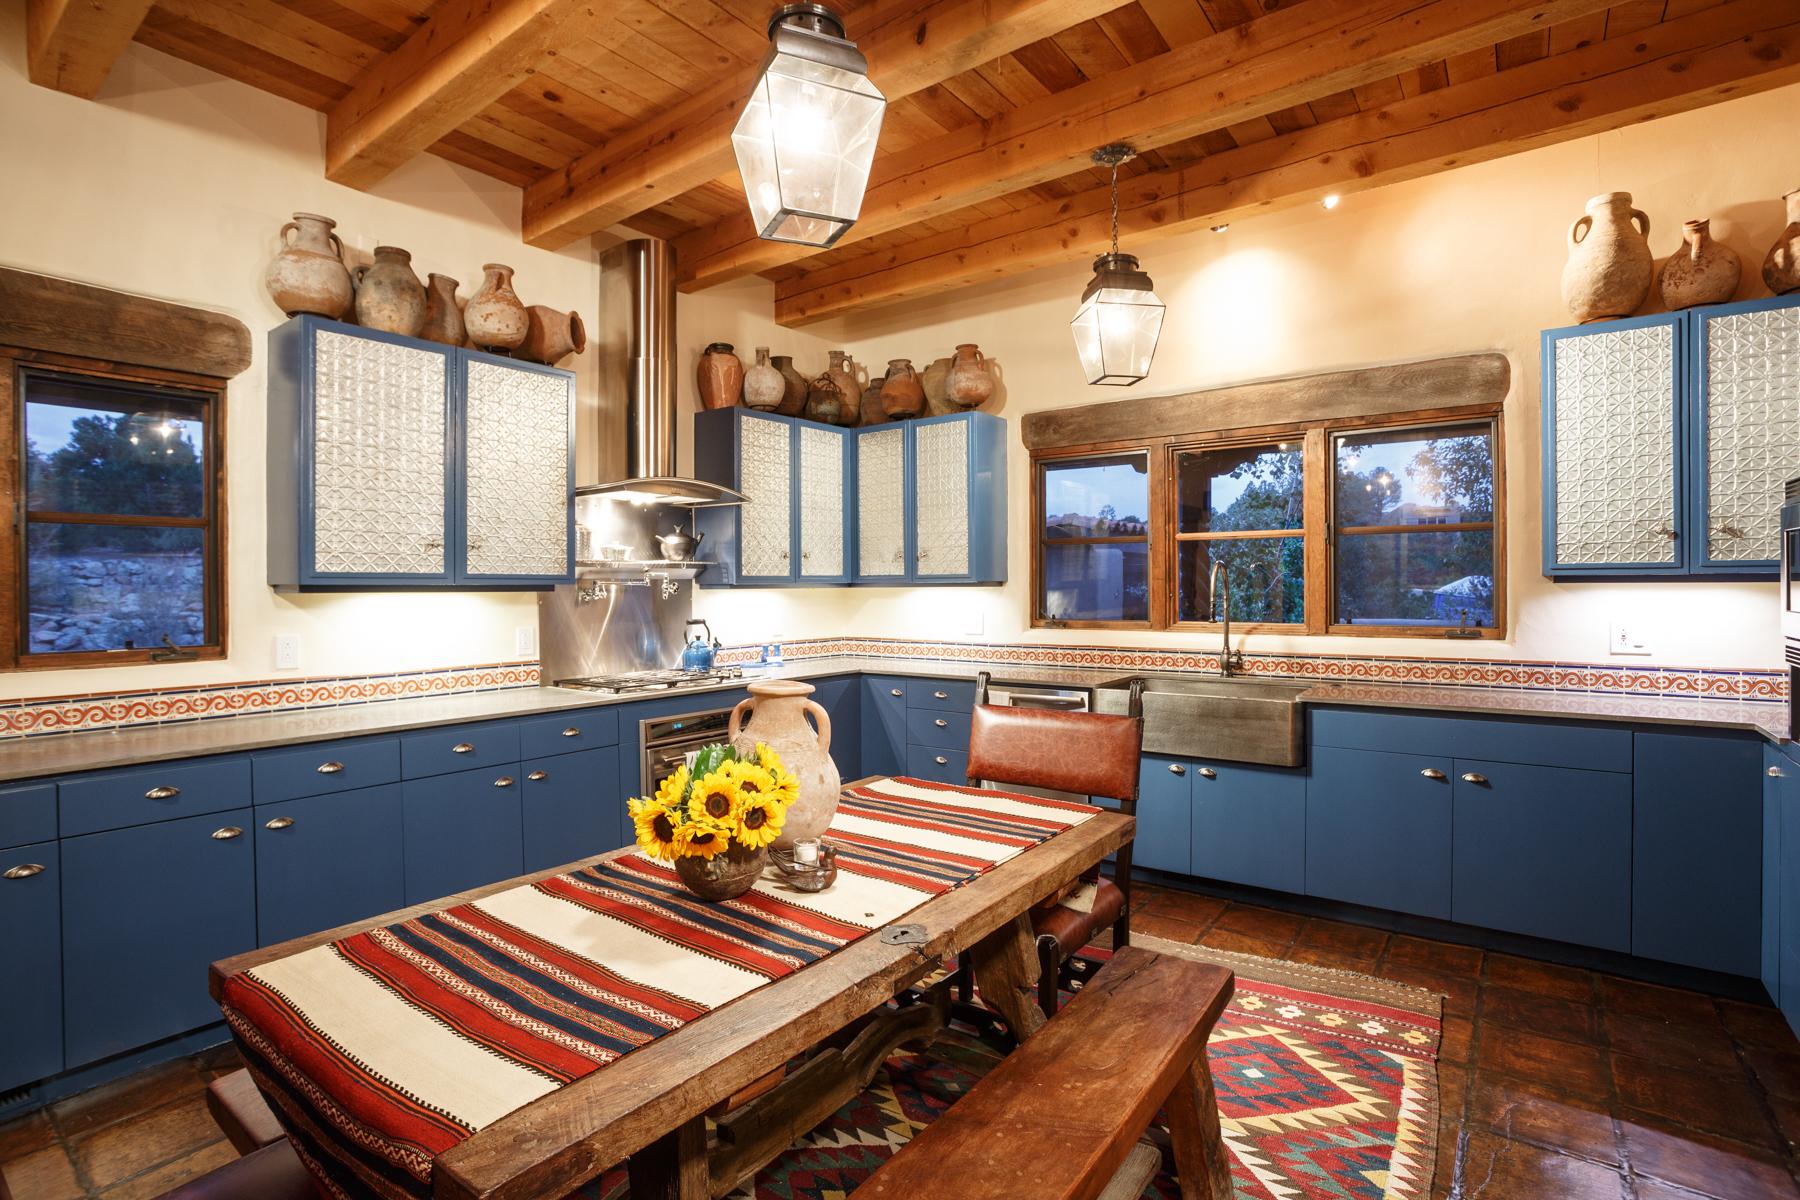 kitchen remodel, Santa Fe, New Mexico, interior design